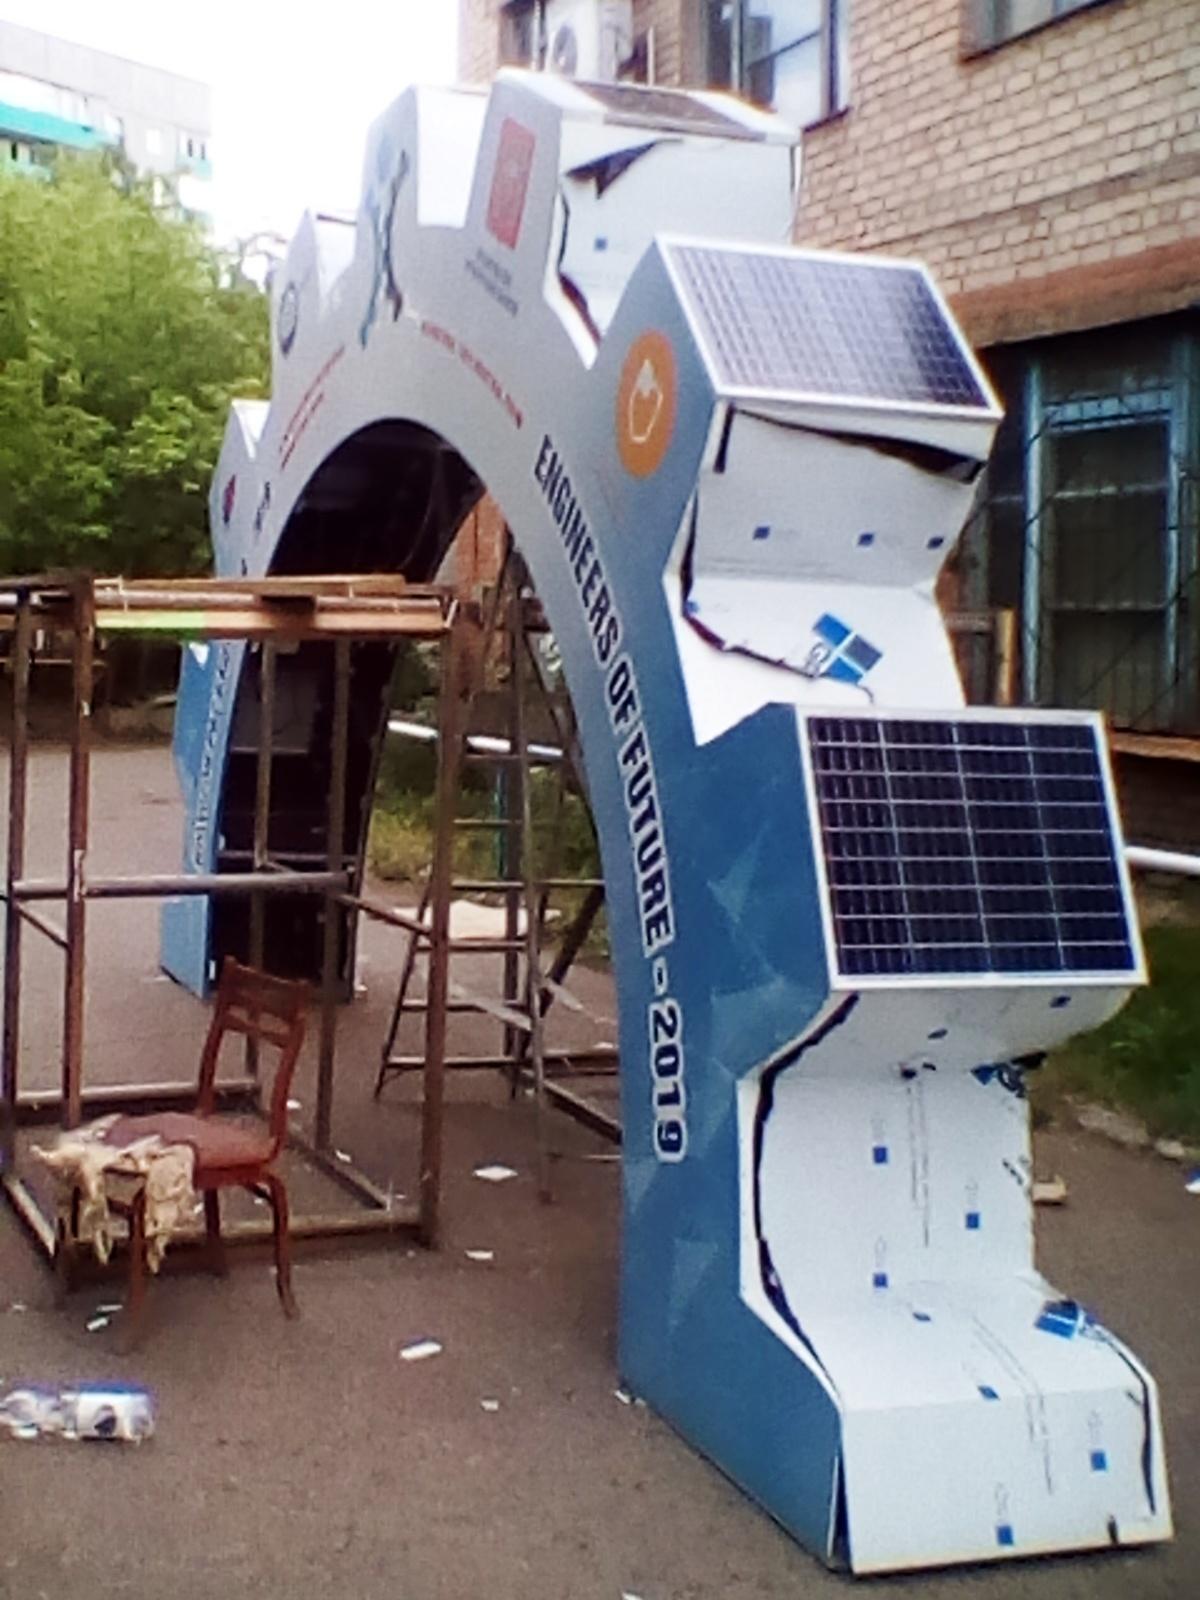 Сделал большую полушестерню на солнечных панелях за 250 000 рублей (2 часть) - 25